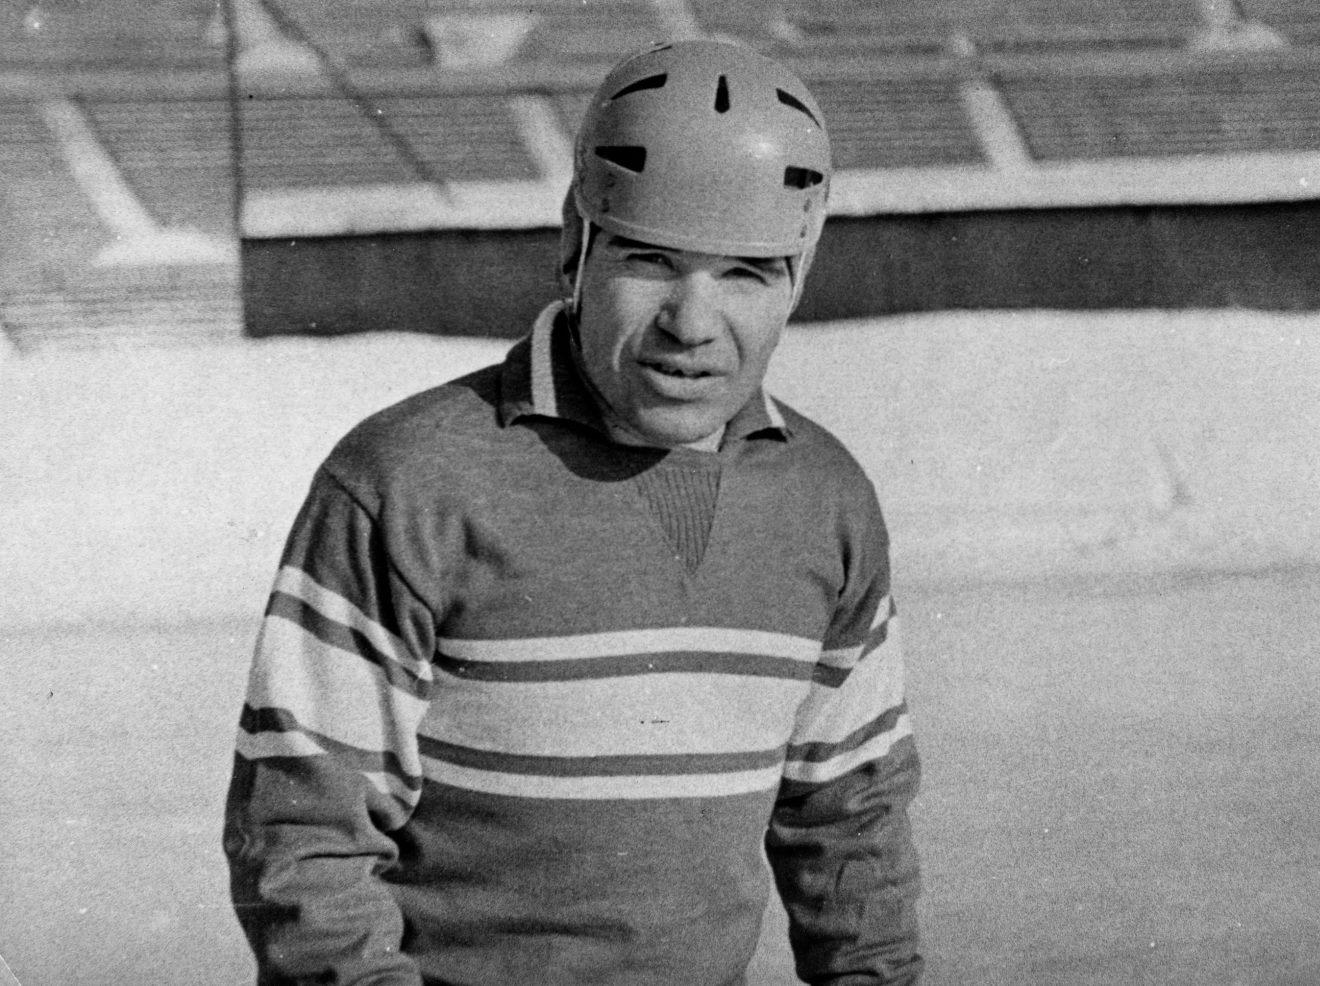 ЧМ-1973. Николай Дураков - единственный хоккеист игравший ещё в первом чемпионате мира 1957 года